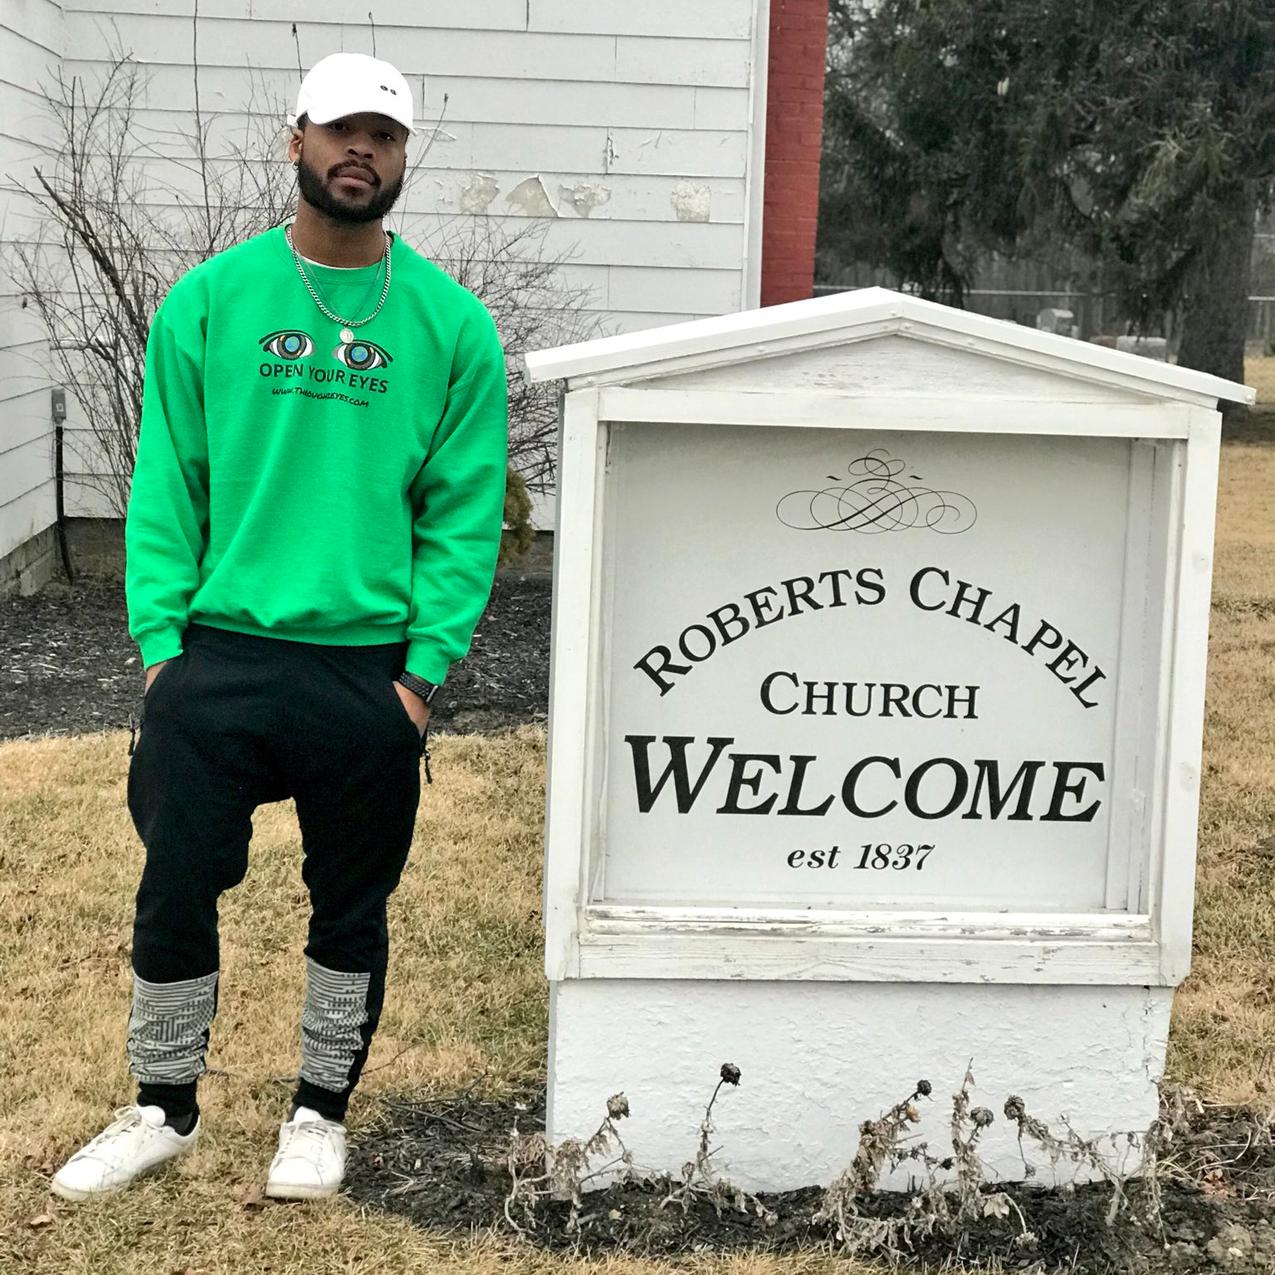 Roberts Chapel